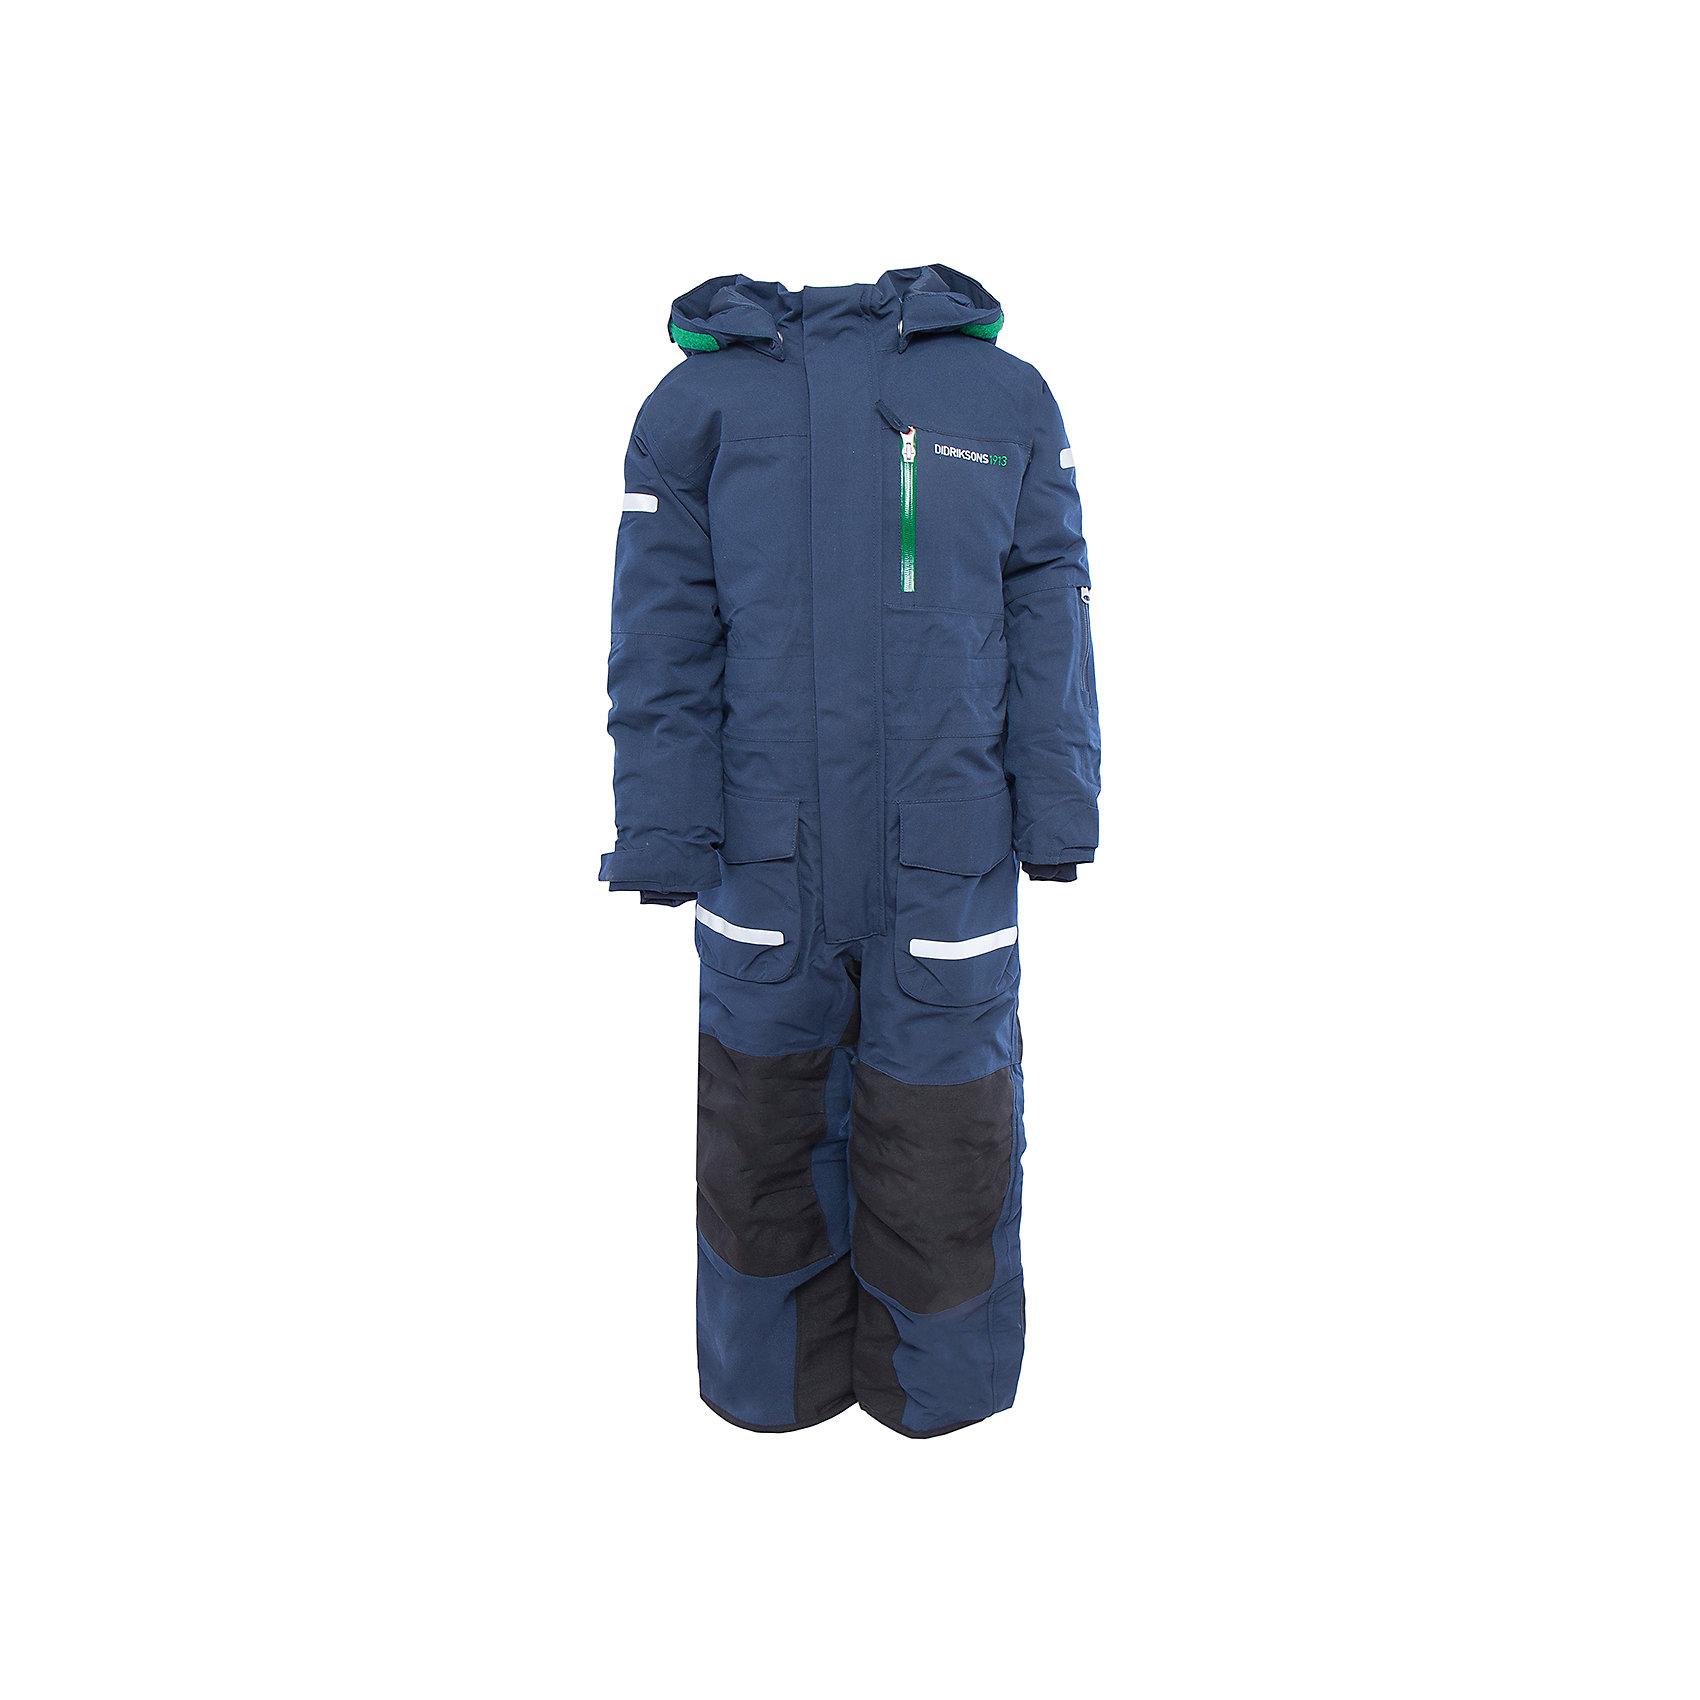 Комбинезон Lopme DIDRIKSONSВерхняя одежда<br>Характеристики товара:<br><br>• цвет: голубой<br>• материал: 100% полиамид, подкладка 100% полиэстер<br>• утеплитель: 140 г/м<br>• сезон: зима<br>• температурный режим от +5 до -15С<br>• непромокаемая и непродуваемая мембранная ткань<br>• резинки для ботинок<br>• дополнительная пропитка верха<br>• прокленные швы<br>• регулируемый съемный капюшон<br>• талия, манжеты и ширина брючины регулируется<br>• внутренние гетры<br>• внутренние трикотажные манжеты<br>• фронтальная молния под планкой<br>• светоотражающие детали<br>• можно увеличить длину рукавов и штанин на один размер <br>• страна бренда: Швеция<br>• страна производства: Китай<br><br>Такой комбинезон незаменим зимой! Это не только стильно, но еще и очень комфортно, а также тепло. Он обеспечит ребенку удобство при прогулках и активном отдыхе зимой. Комбинезон от шведского производителя легко трансформируется под рост ребенка и погодные условия.<br>Модель сшита из мембранной ткани, которая позволяет телу дышать, но при этом не промокает и не продувается. Очень стильная и удобная модель! Изделие качественно выполнено, сделано из безопасных для детей материалов. <br><br>Комбинезон от бренда DIDRIKSONS можно купить в нашем интернет-магазине.<br><br>Ширина мм: 356<br>Глубина мм: 10<br>Высота мм: 245<br>Вес г: 519<br>Цвет: голубой<br>Возраст от месяцев: 48<br>Возраст до месяцев: 60<br>Пол: Мужской<br>Возраст: Детский<br>Размер: 110,100,120,130,90,80<br>SKU: 5003935